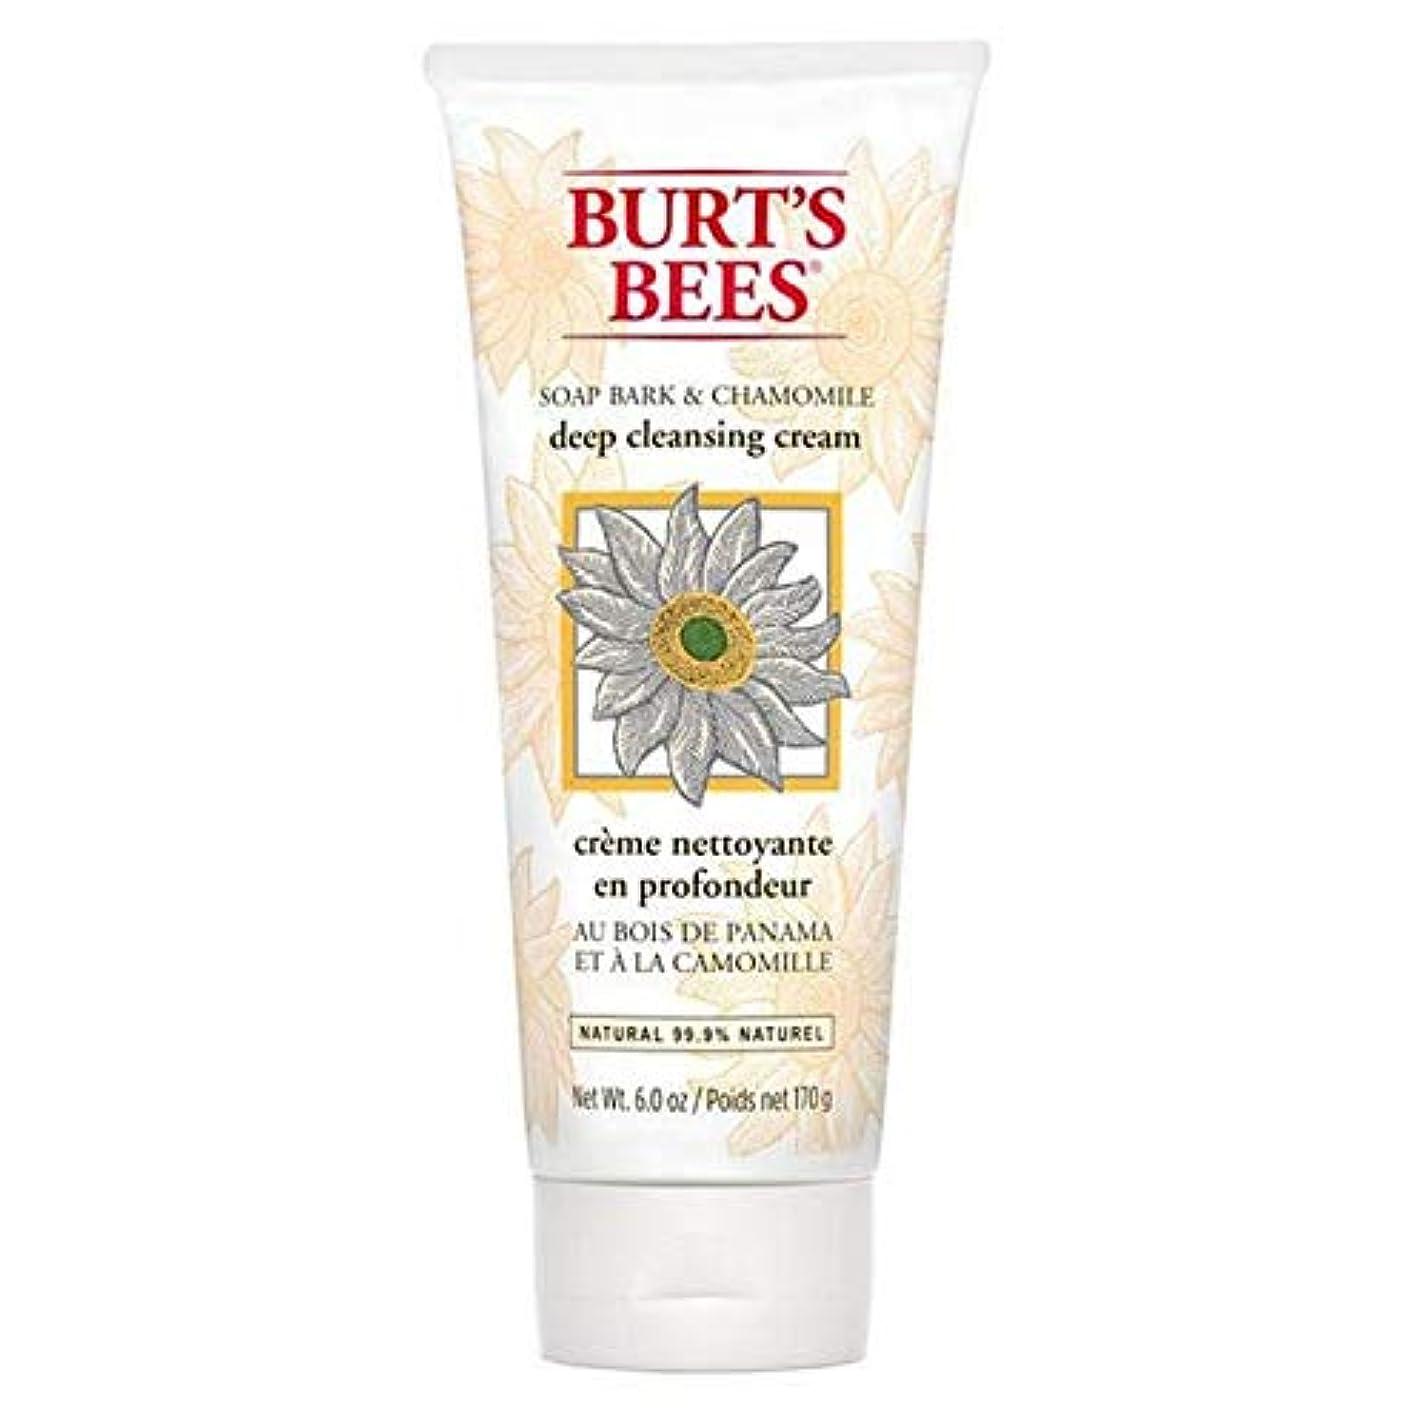 成功する聖域蒸留する[Burt's Bees ] バーツビー石鹸樹皮&カモミールディープクレンジングクリーム170グラム - Burt's Bees Soap Bark & Chamomile Deep Cleansing Cream 170g [並行輸入品]